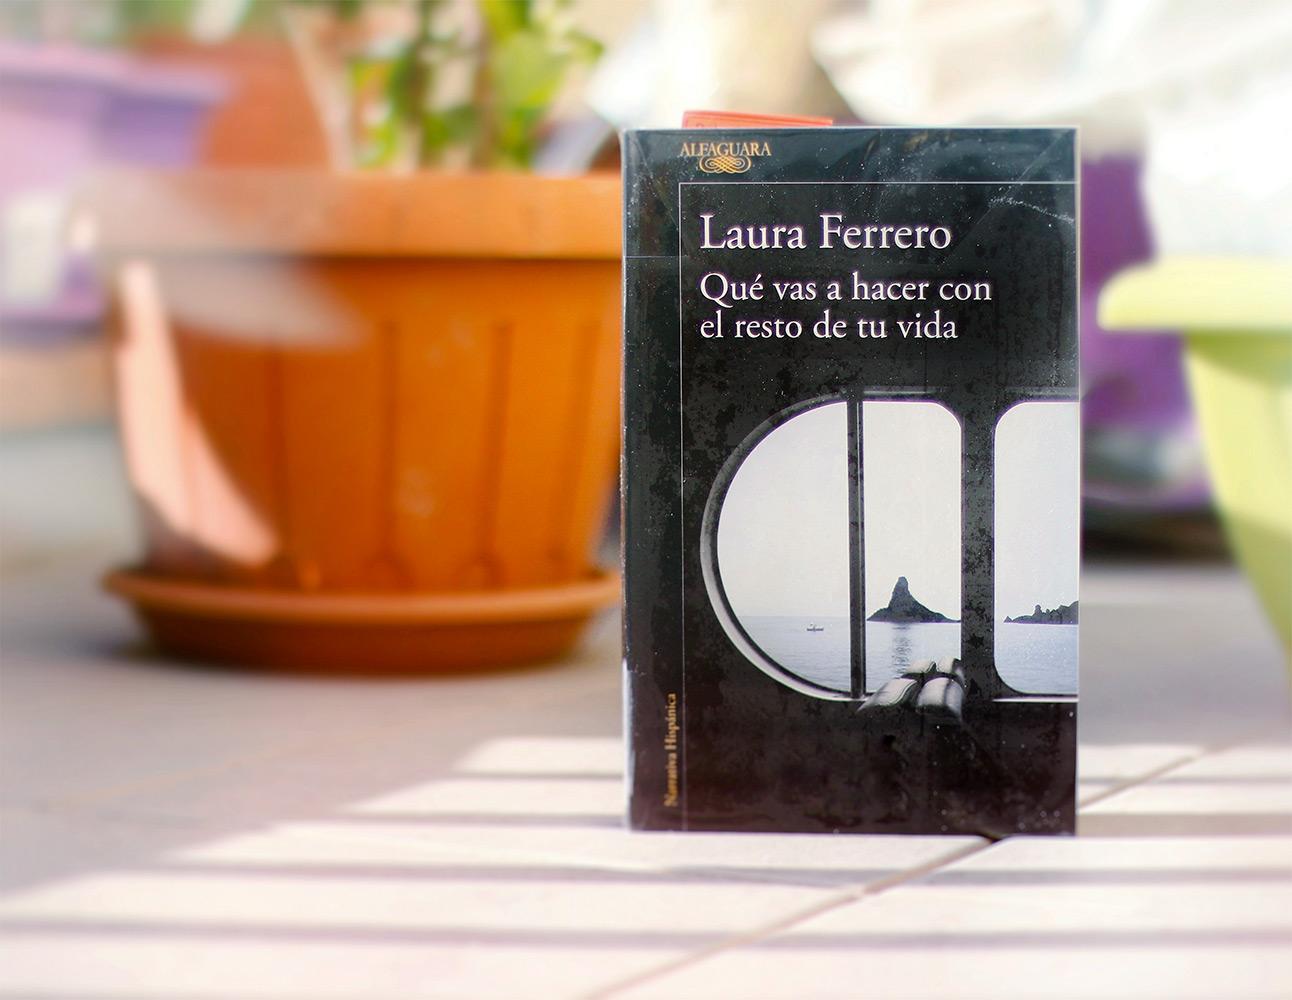 Reseña: Qué vas a hacer con el resto de tu vida. Laura Ferrero